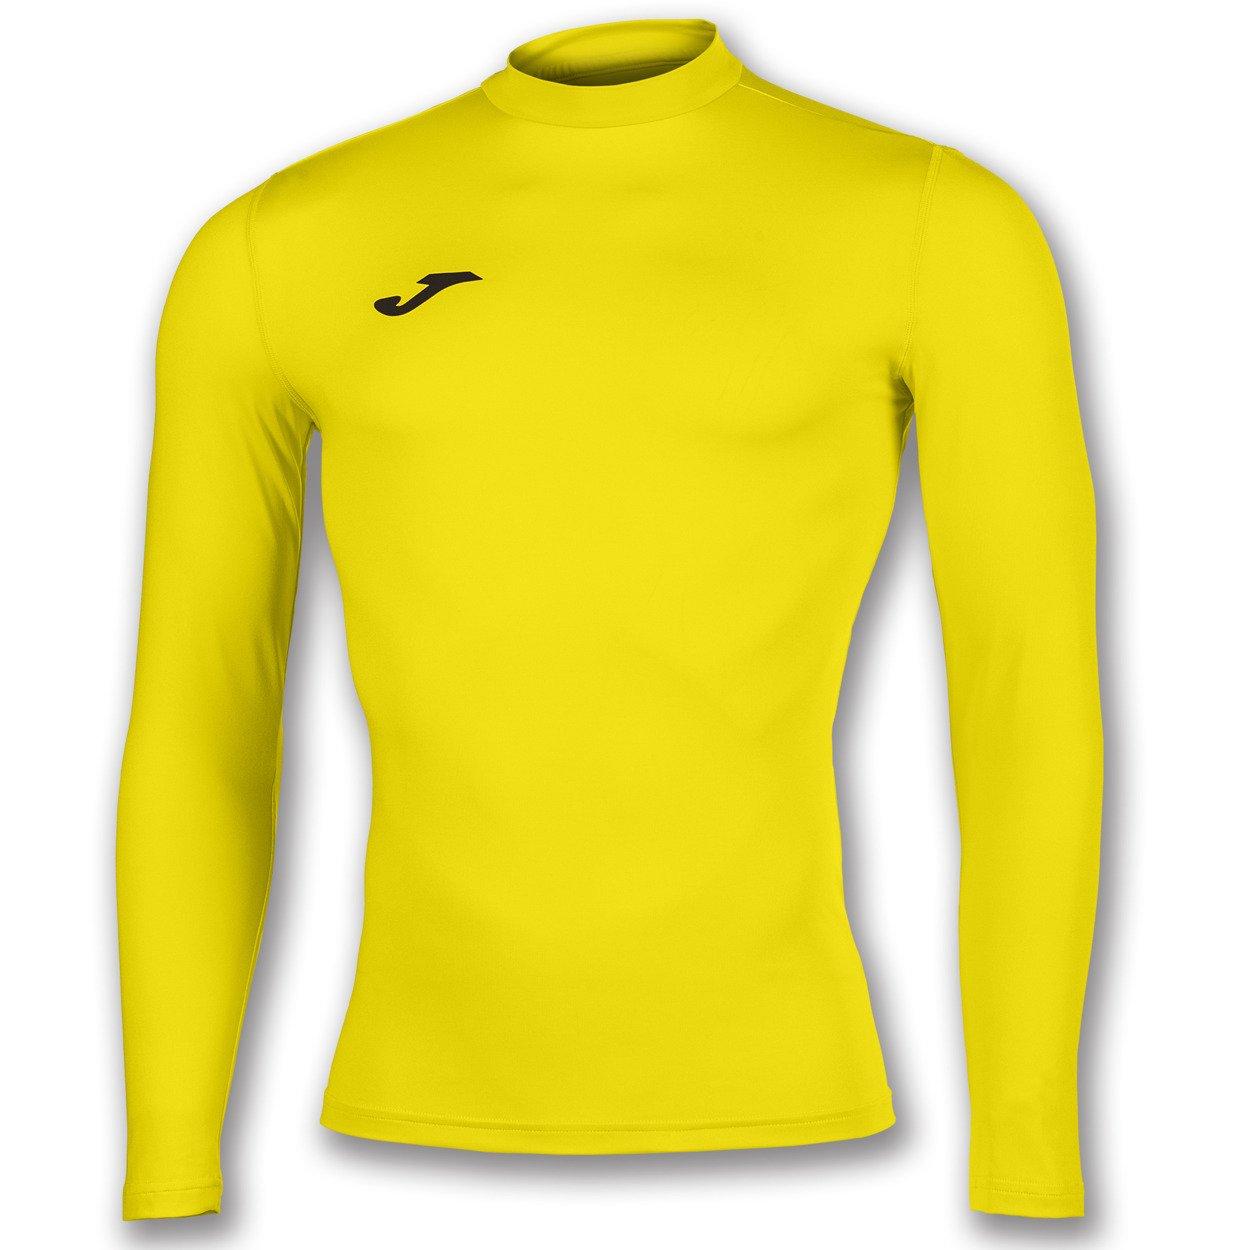 87f9bf730 Kliknij, aby powiększyć · Koszulka termoaktywna Joma Brama Academy  101018.900 żółta Kliknij, aby powiększyć